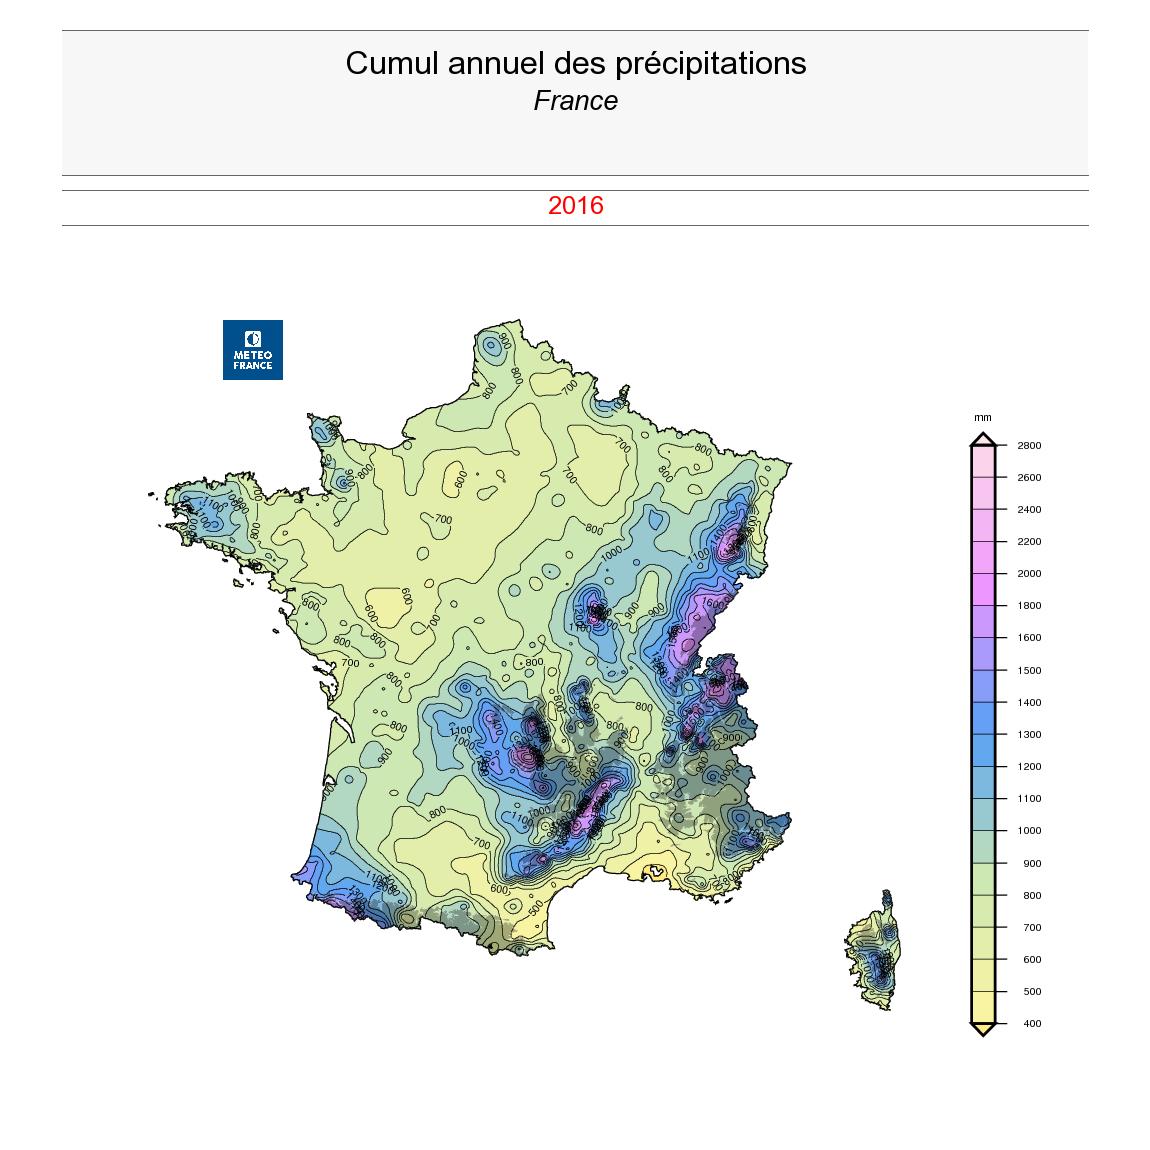 Maillage et treillage en Rh´ne Alpes carte géographique gratuite carte géographique muette gratuite carte vierge gratuite fond de carte gratuit…